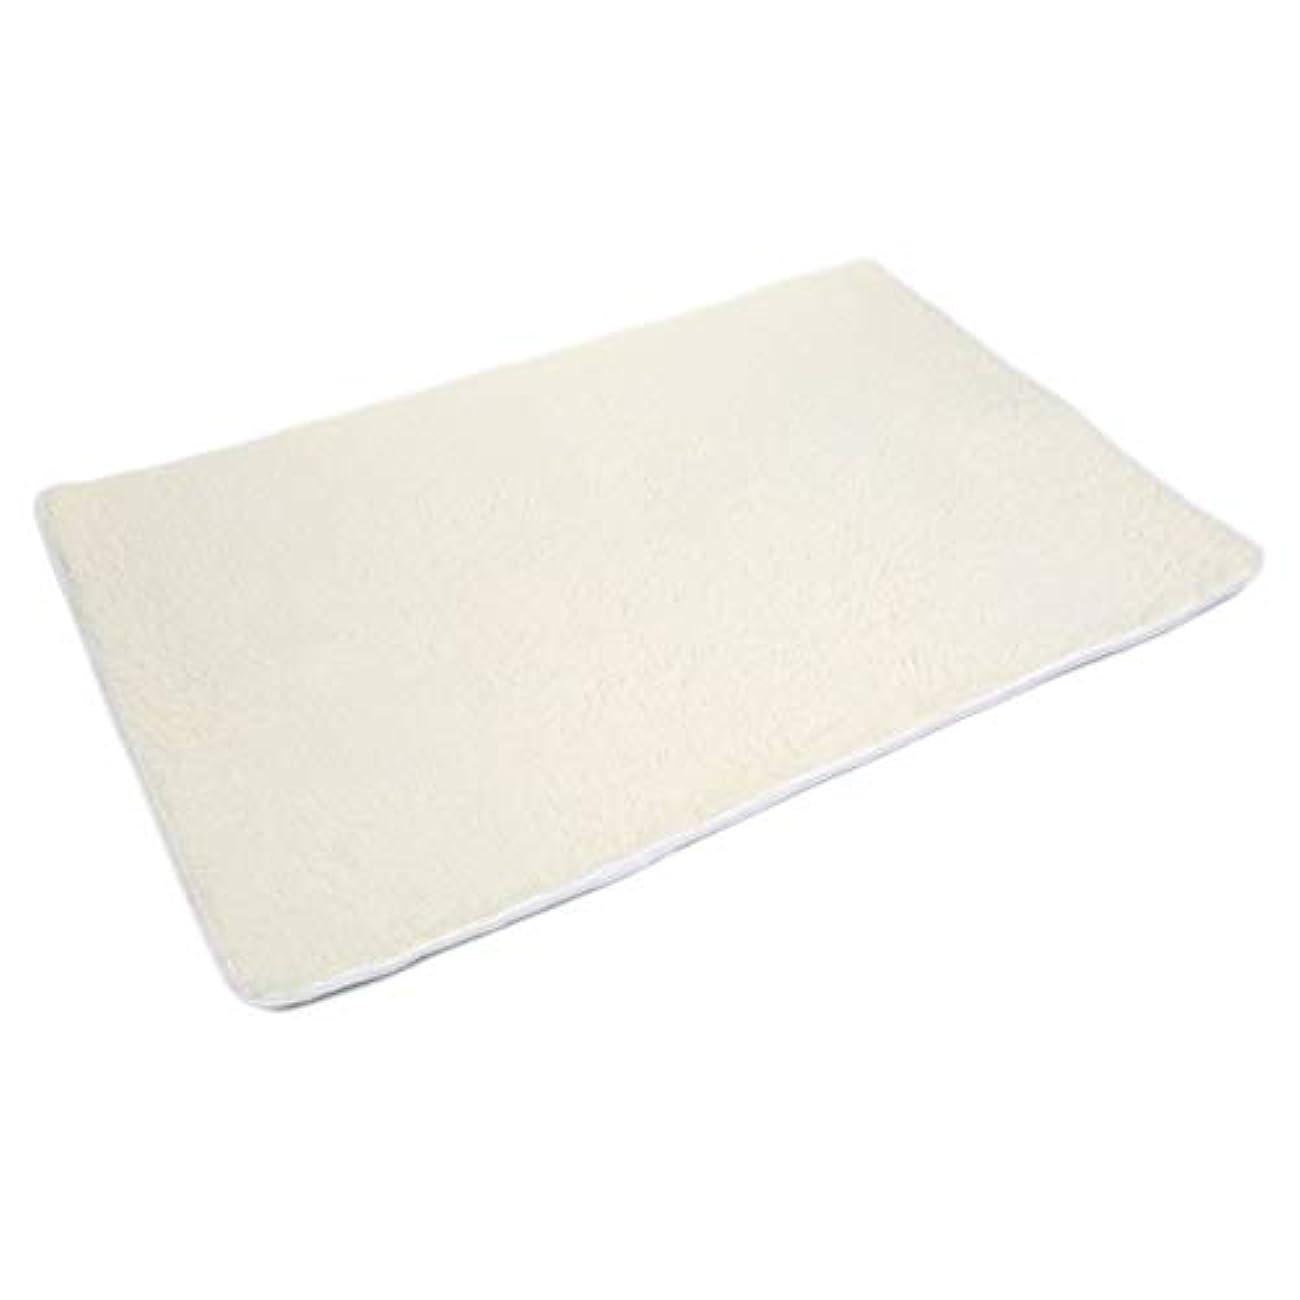 飾る乳白色頂点Saikogoods ポリエステル繊維ハウスリビングルームカーペットアンチスキッドシャギーラグマットフロアマット環境に優しい染料簡単にきれいにします ベージュイエロー